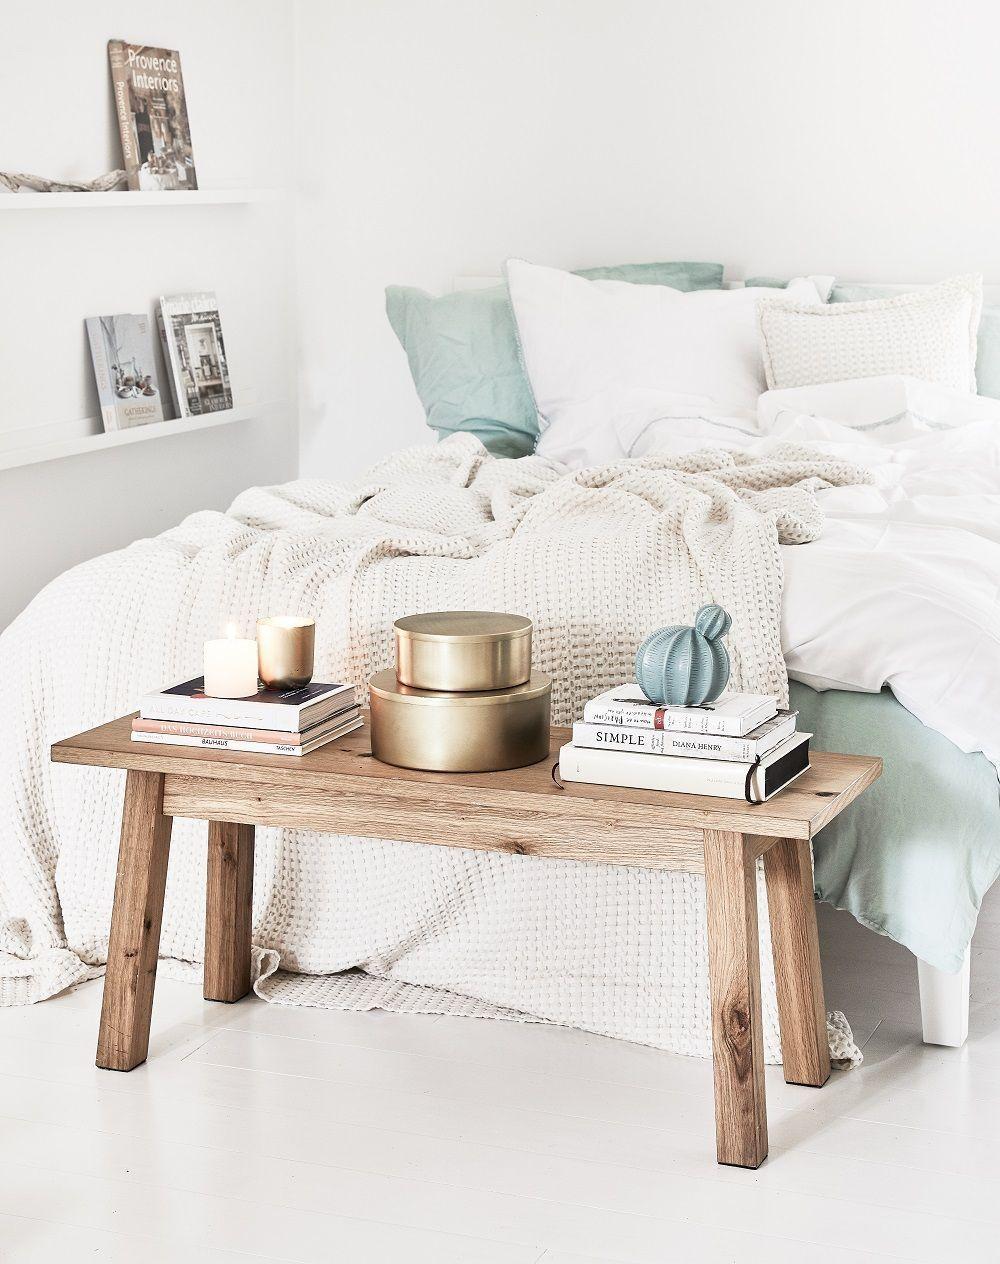 Summer Dreams In Diesem Wunderschönen Schlafzimmer Stimmt